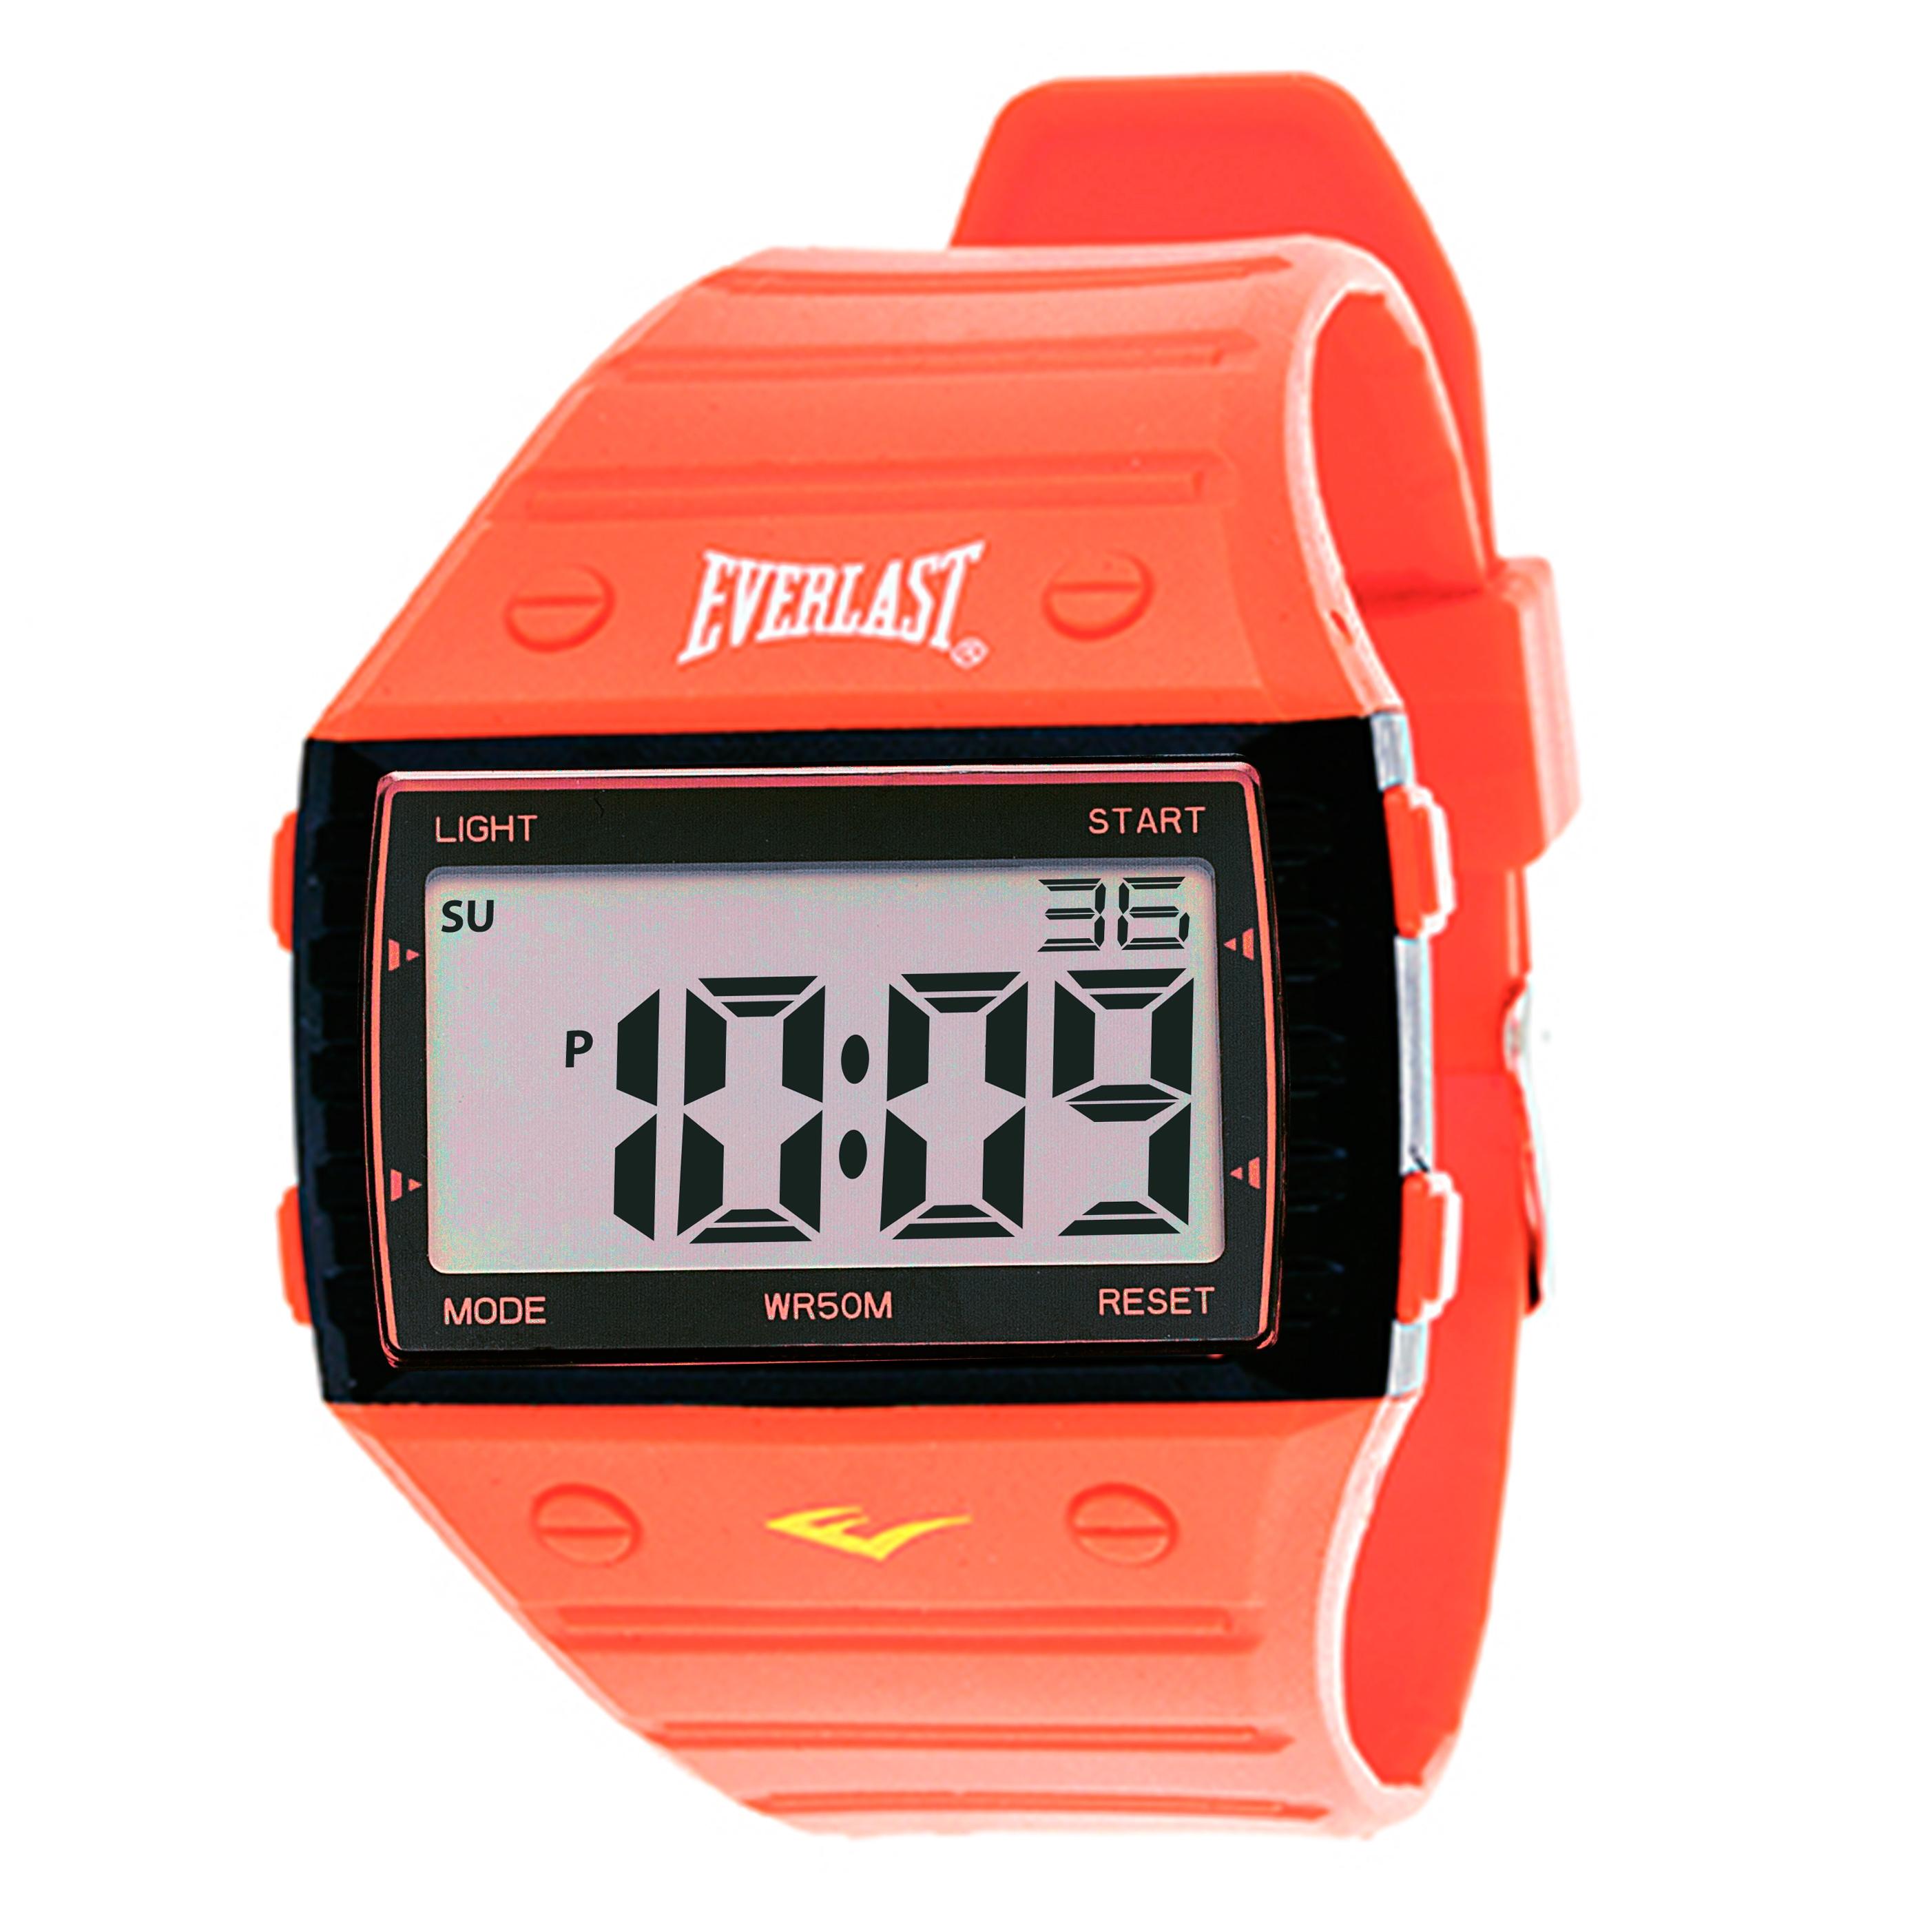 2e7455e511 Everlast Watches